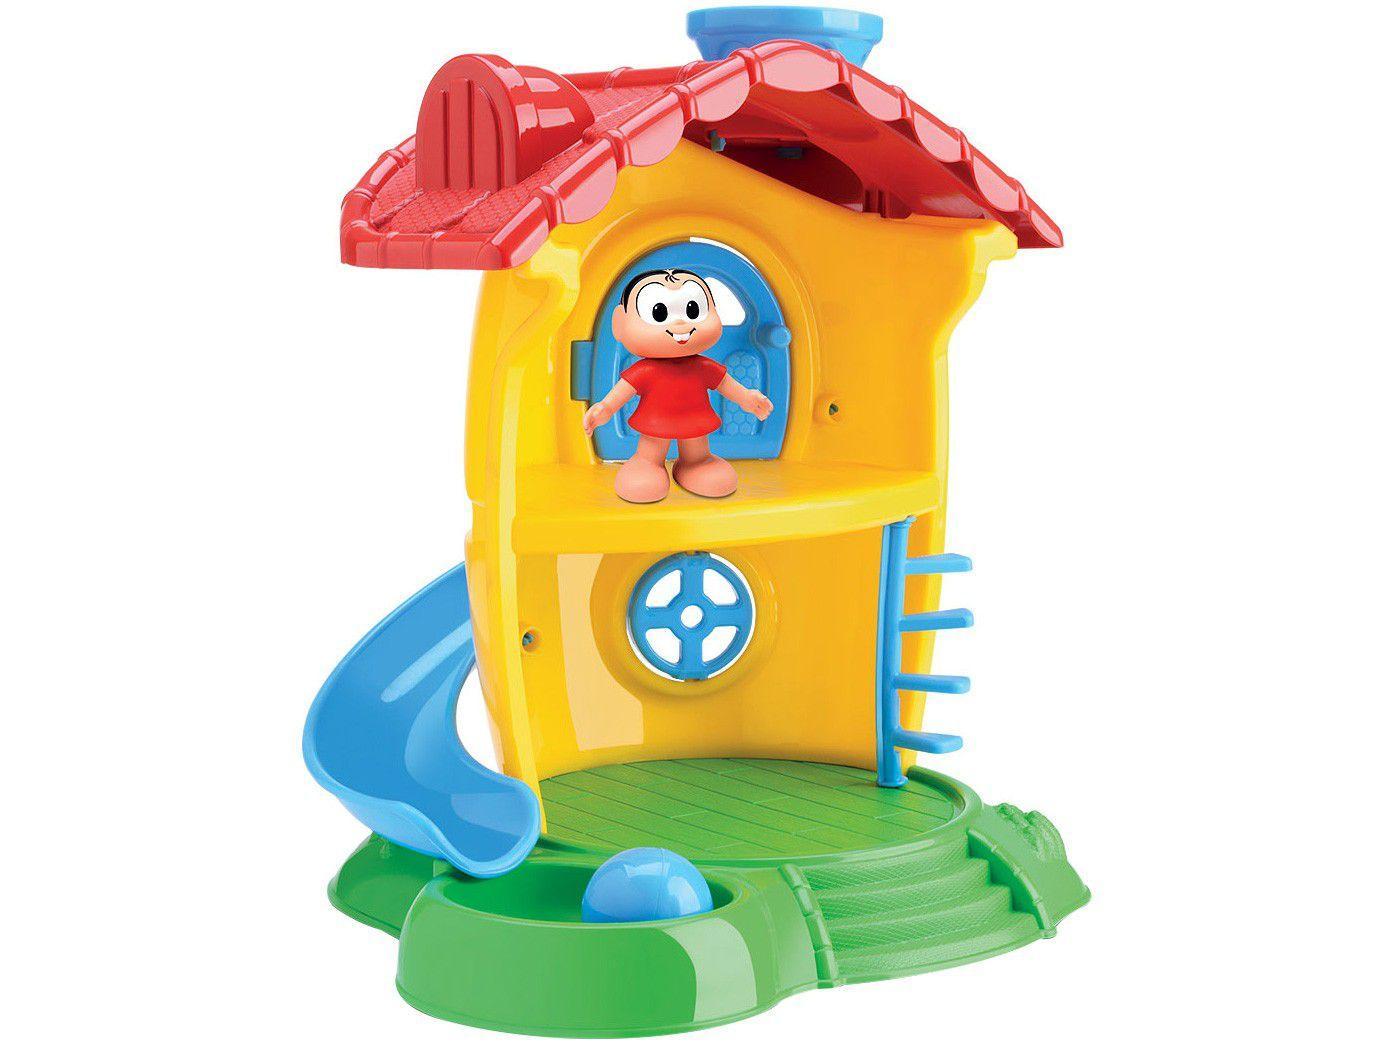 Casinha Turma da Mônica Cozinha - Samba Toys